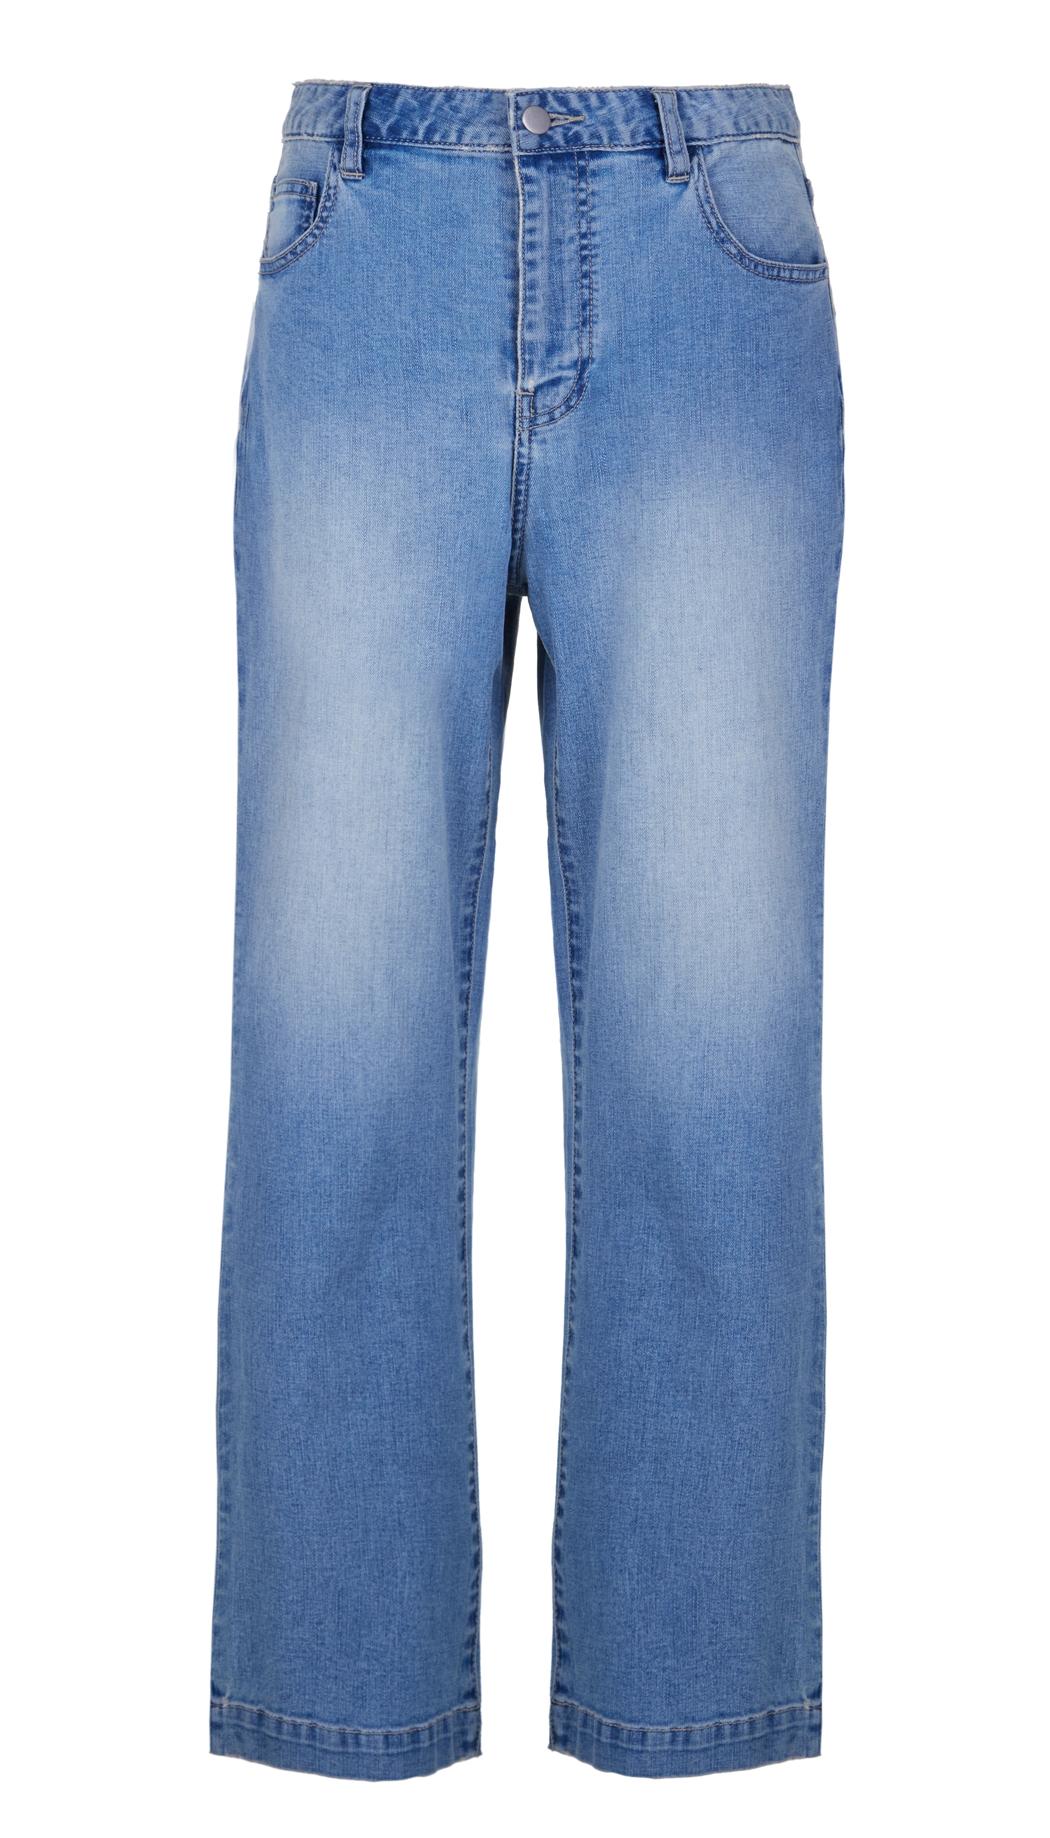 tibi vintage wash cropped flare jeans in blue lyst. Black Bedroom Furniture Sets. Home Design Ideas